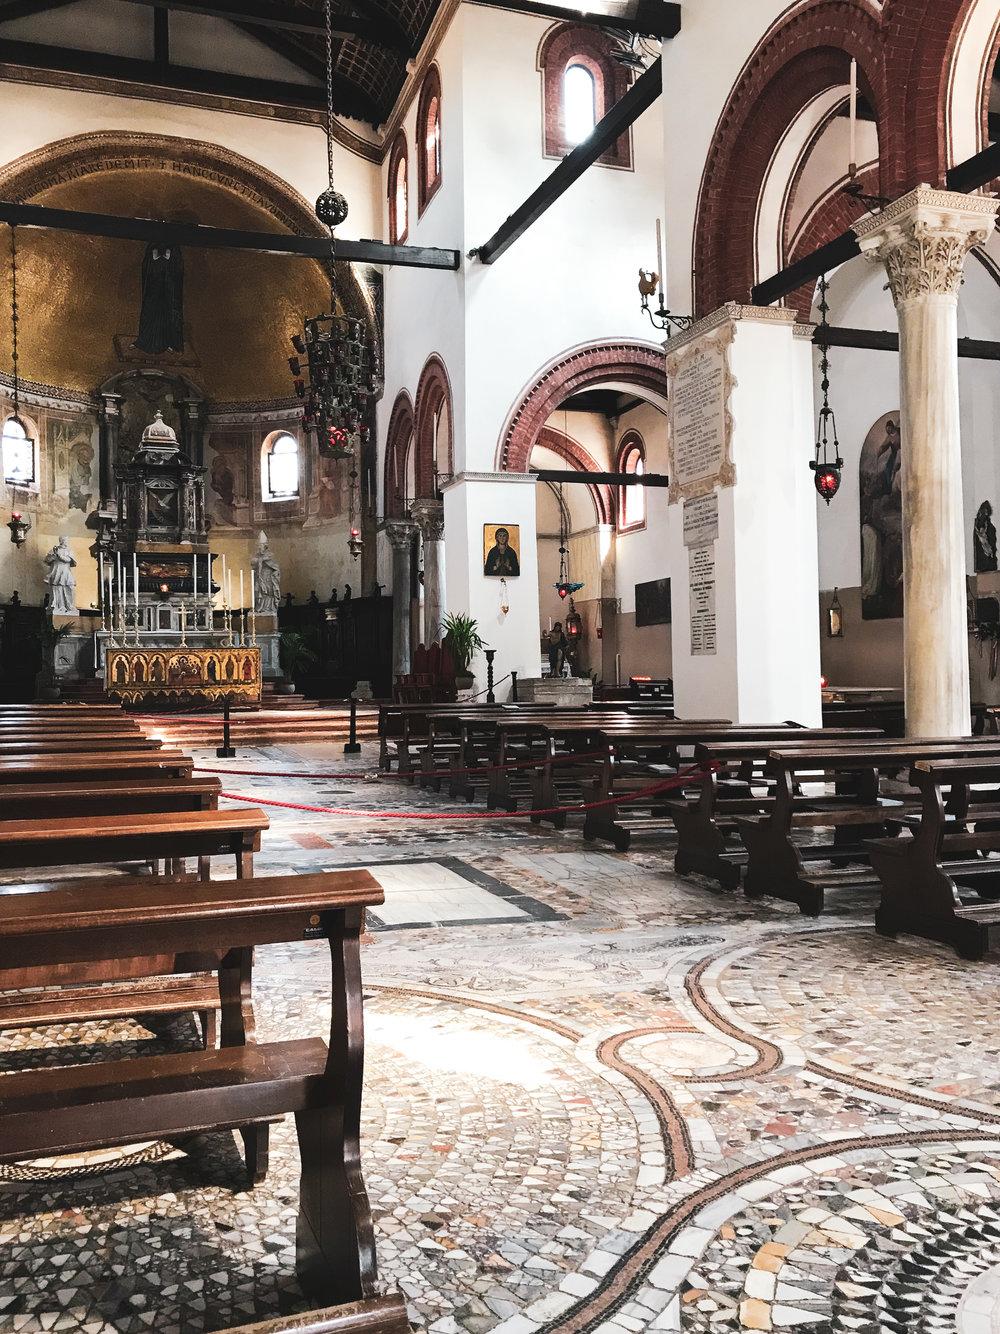 Basilica-dei-Santi-Maria-e-Donato.jpg